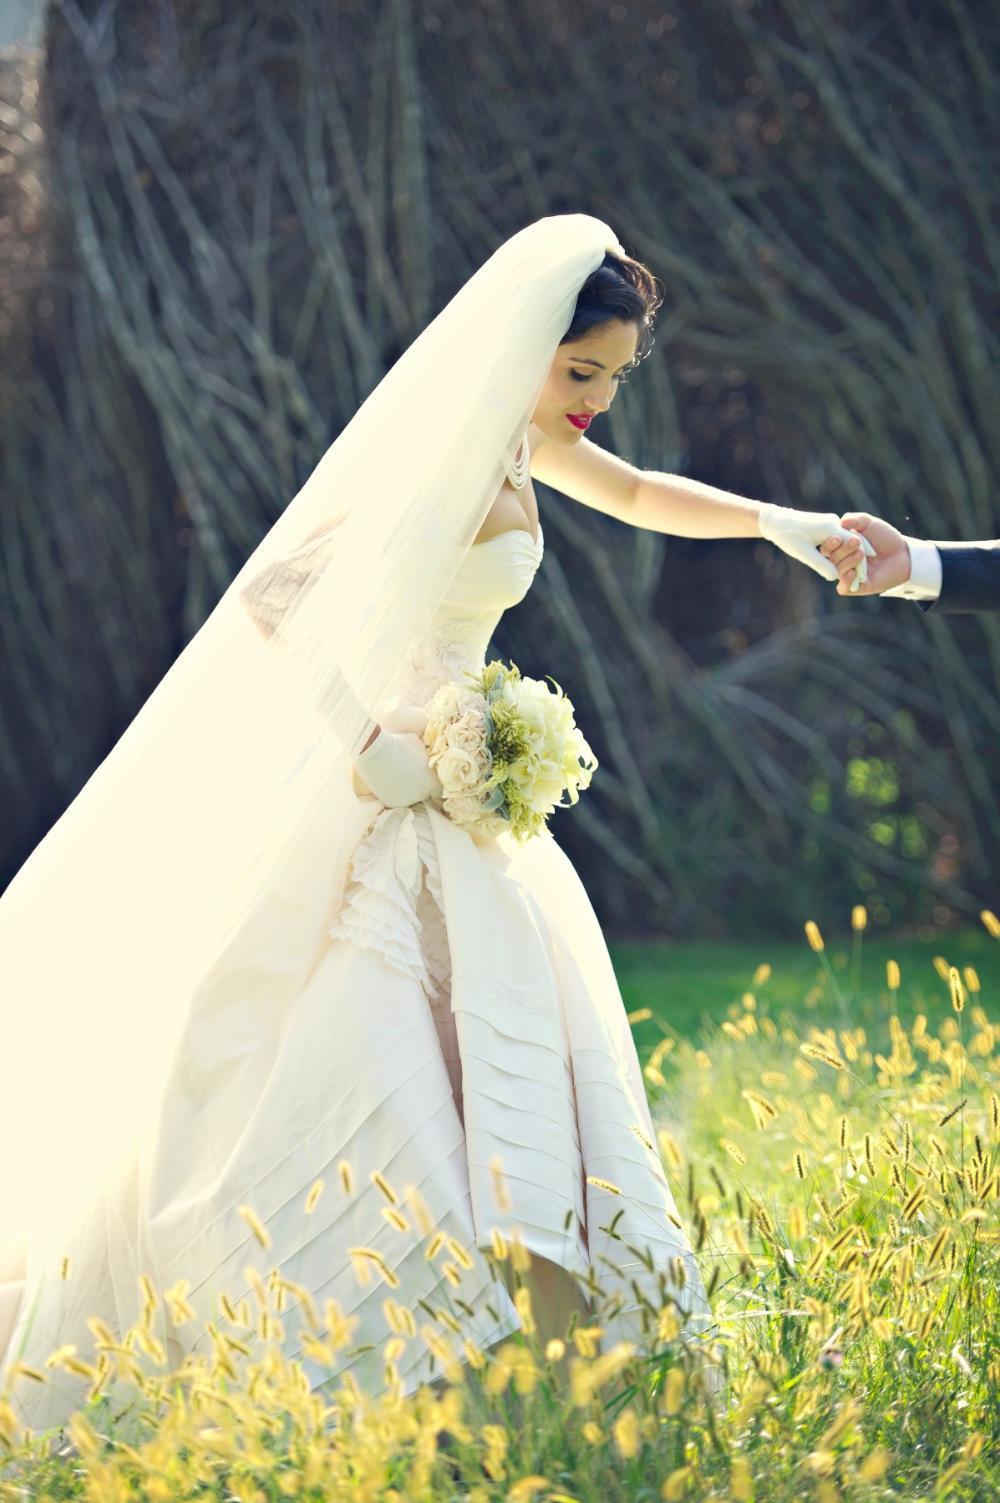 jackie kennedy wedding